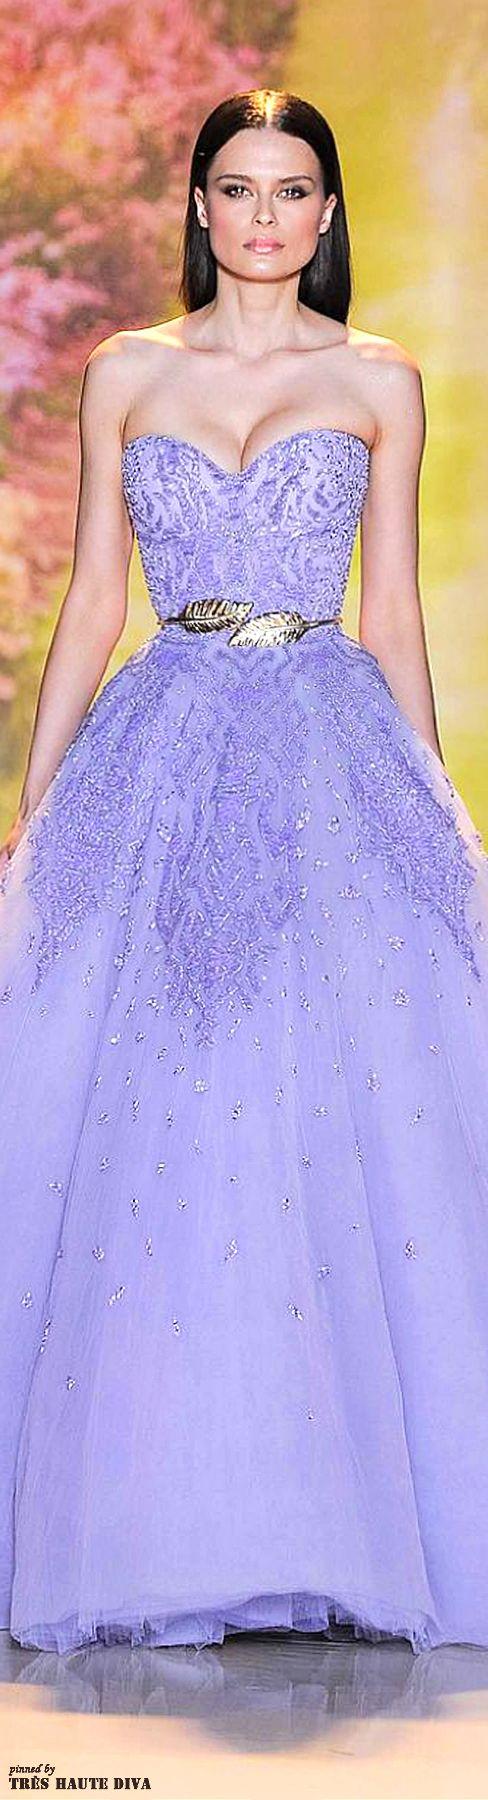 Zhair murad spring dream gowns pinterest zuhair murad